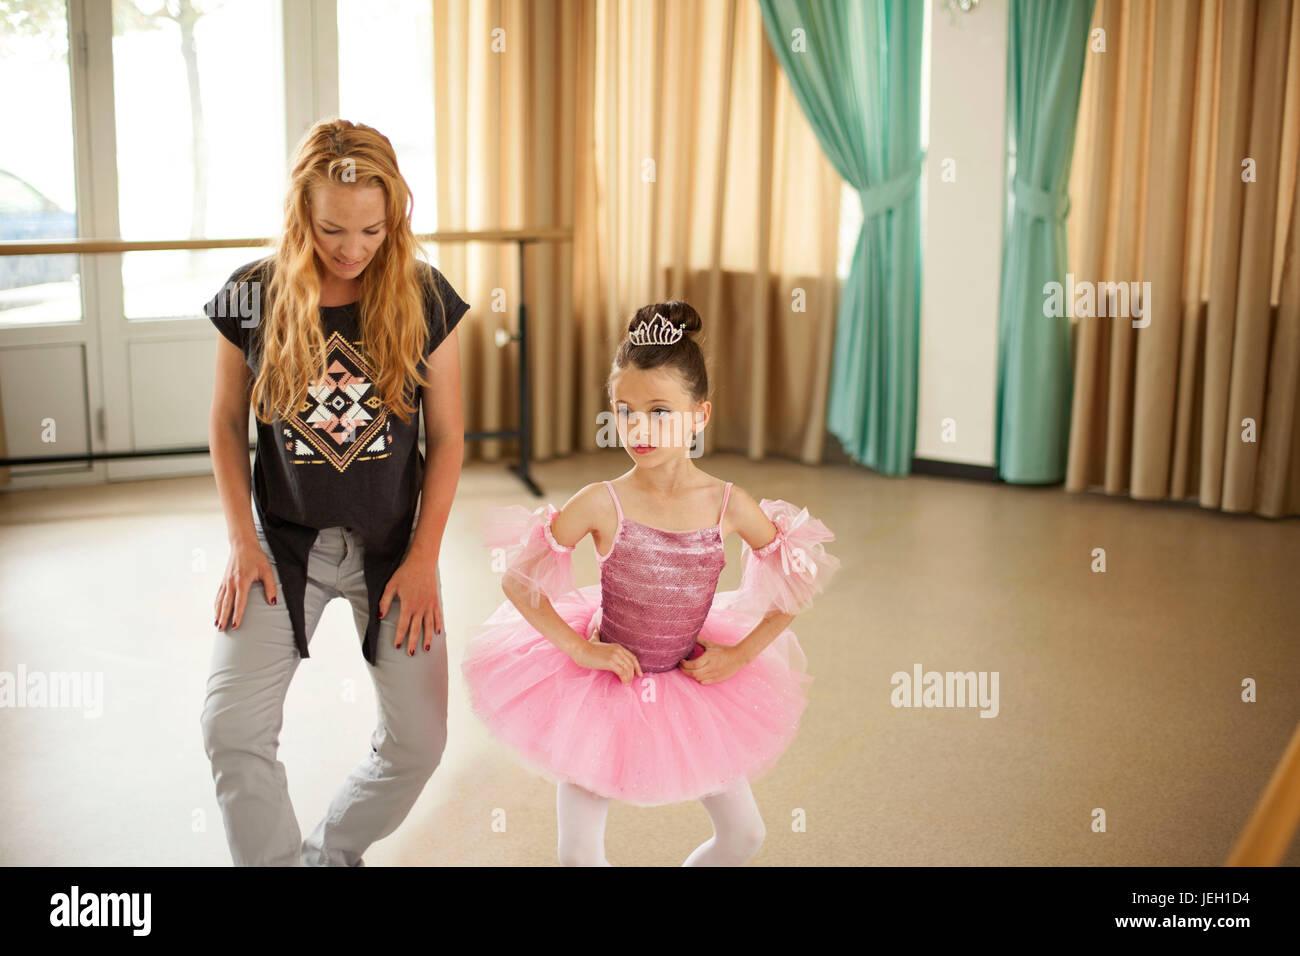 Ballerines bébé in ballet studio Photo Stock